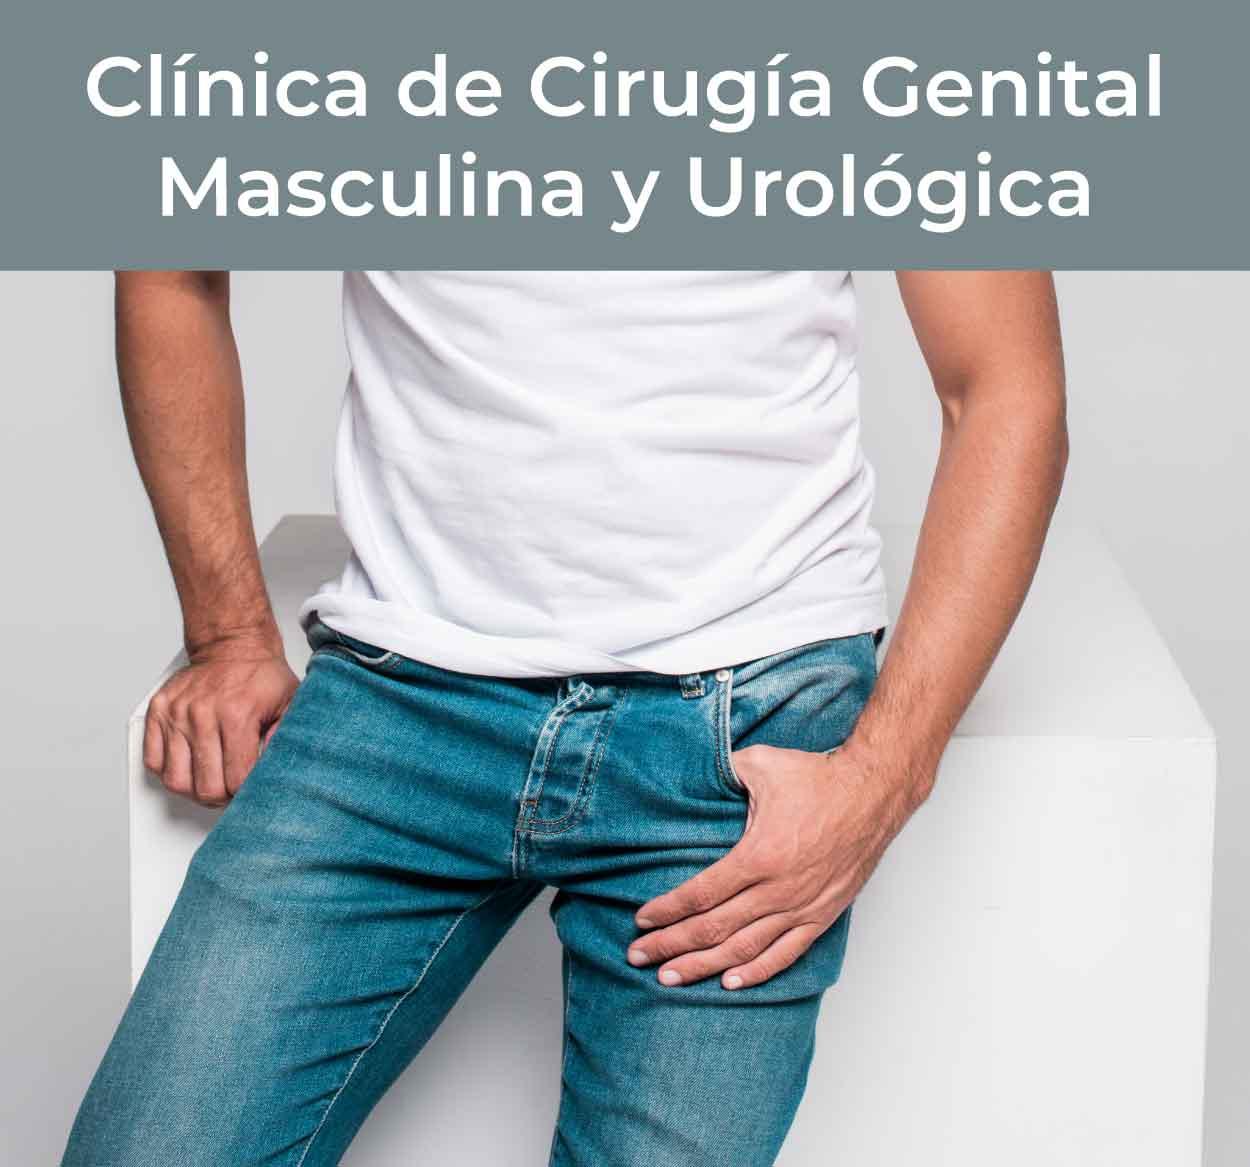 Clínica de Cirugía Genital Masculina y Urológica